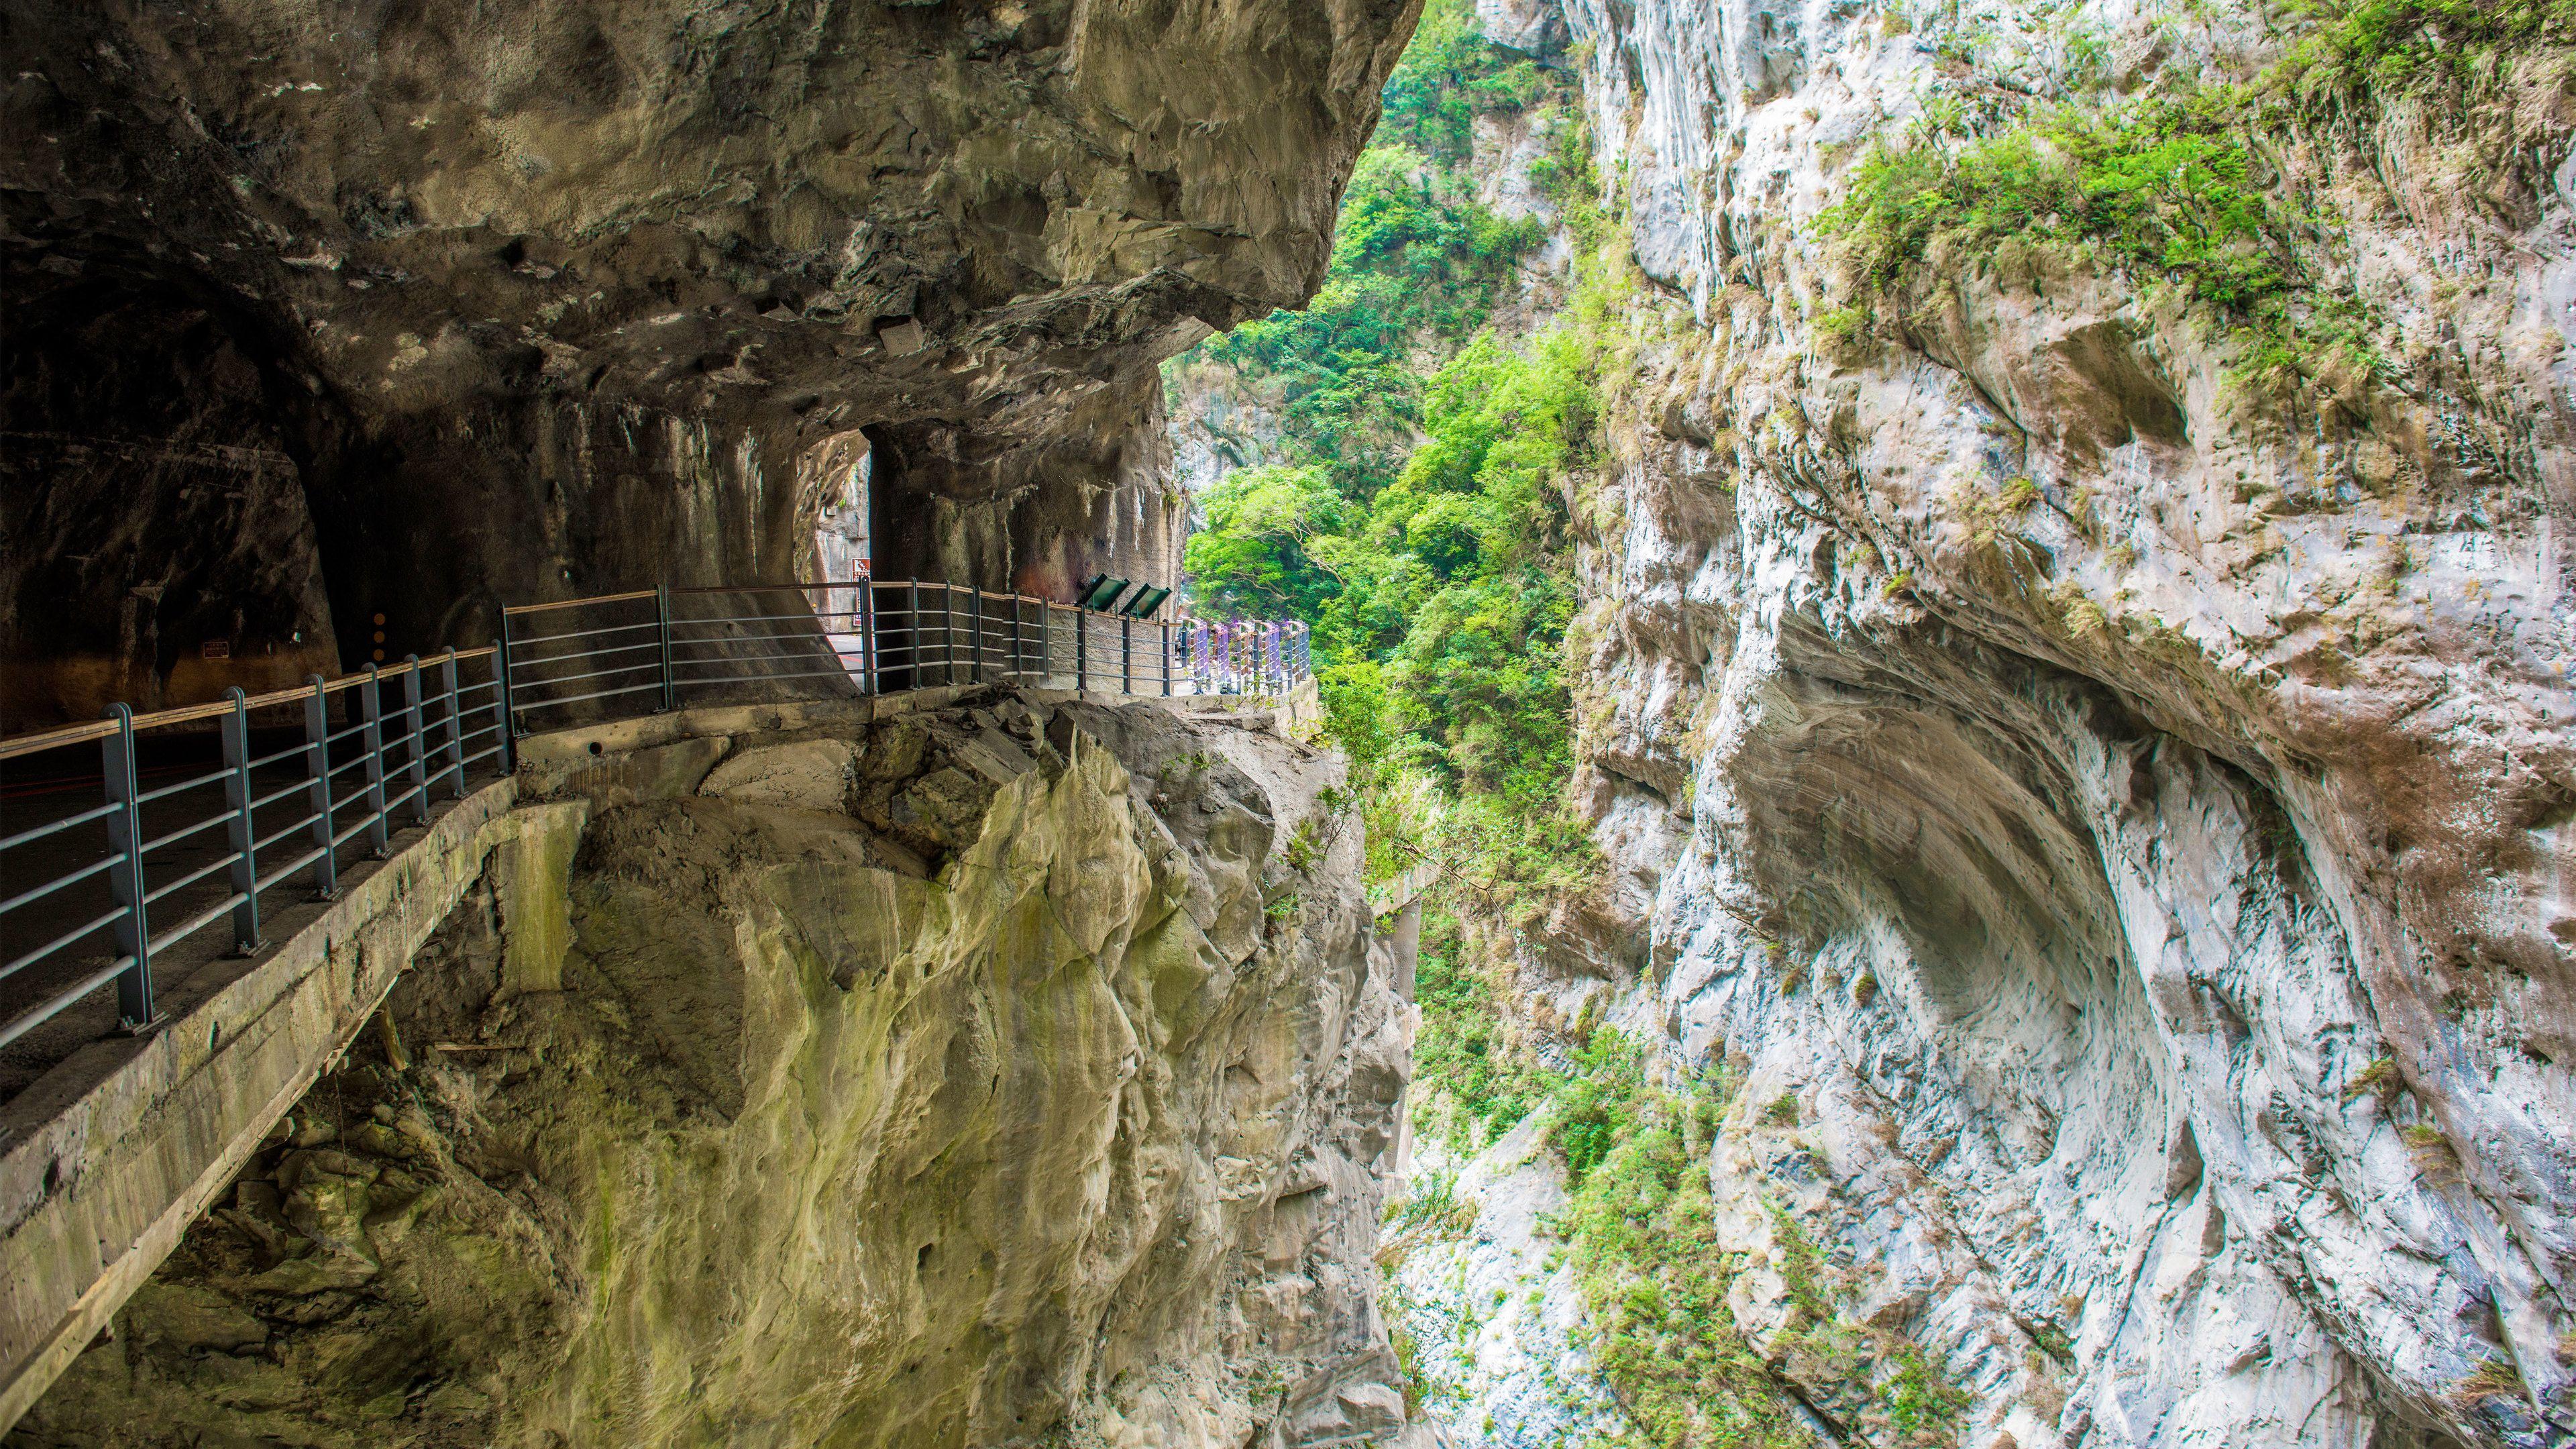 Views on the Taroko Gorge tour in Taiwan